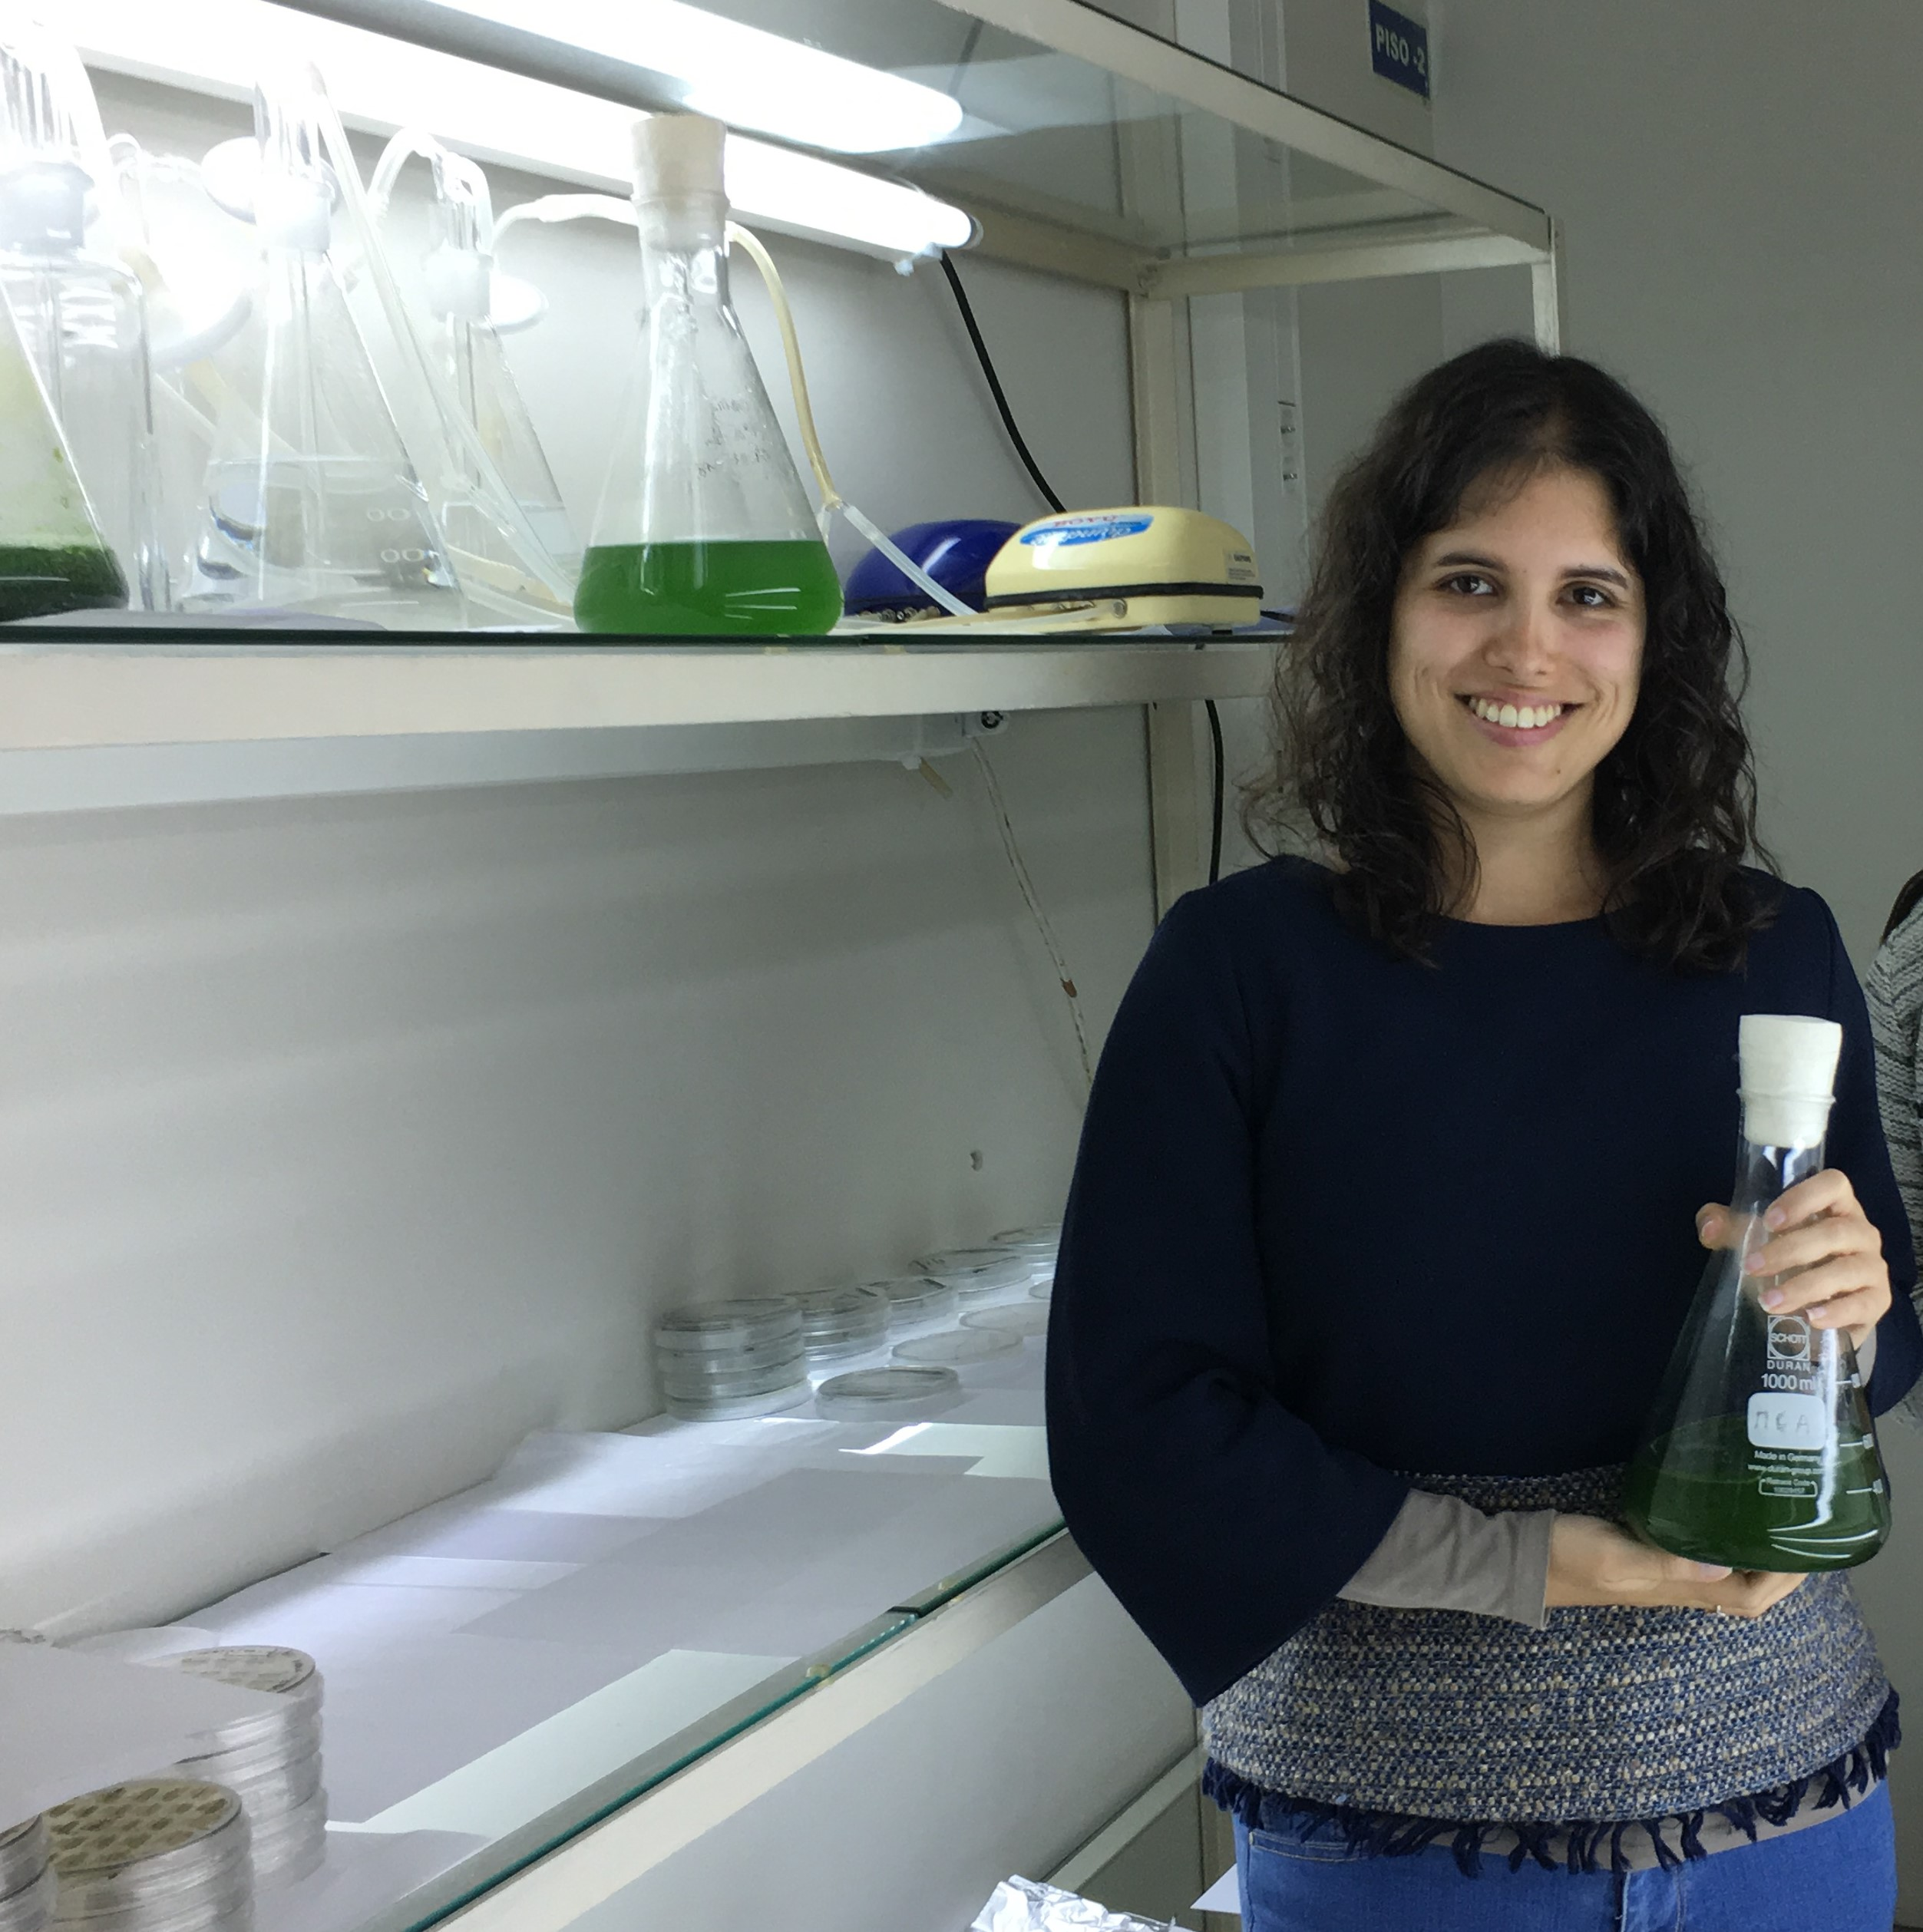 Rita Mota CyanoCare researcher